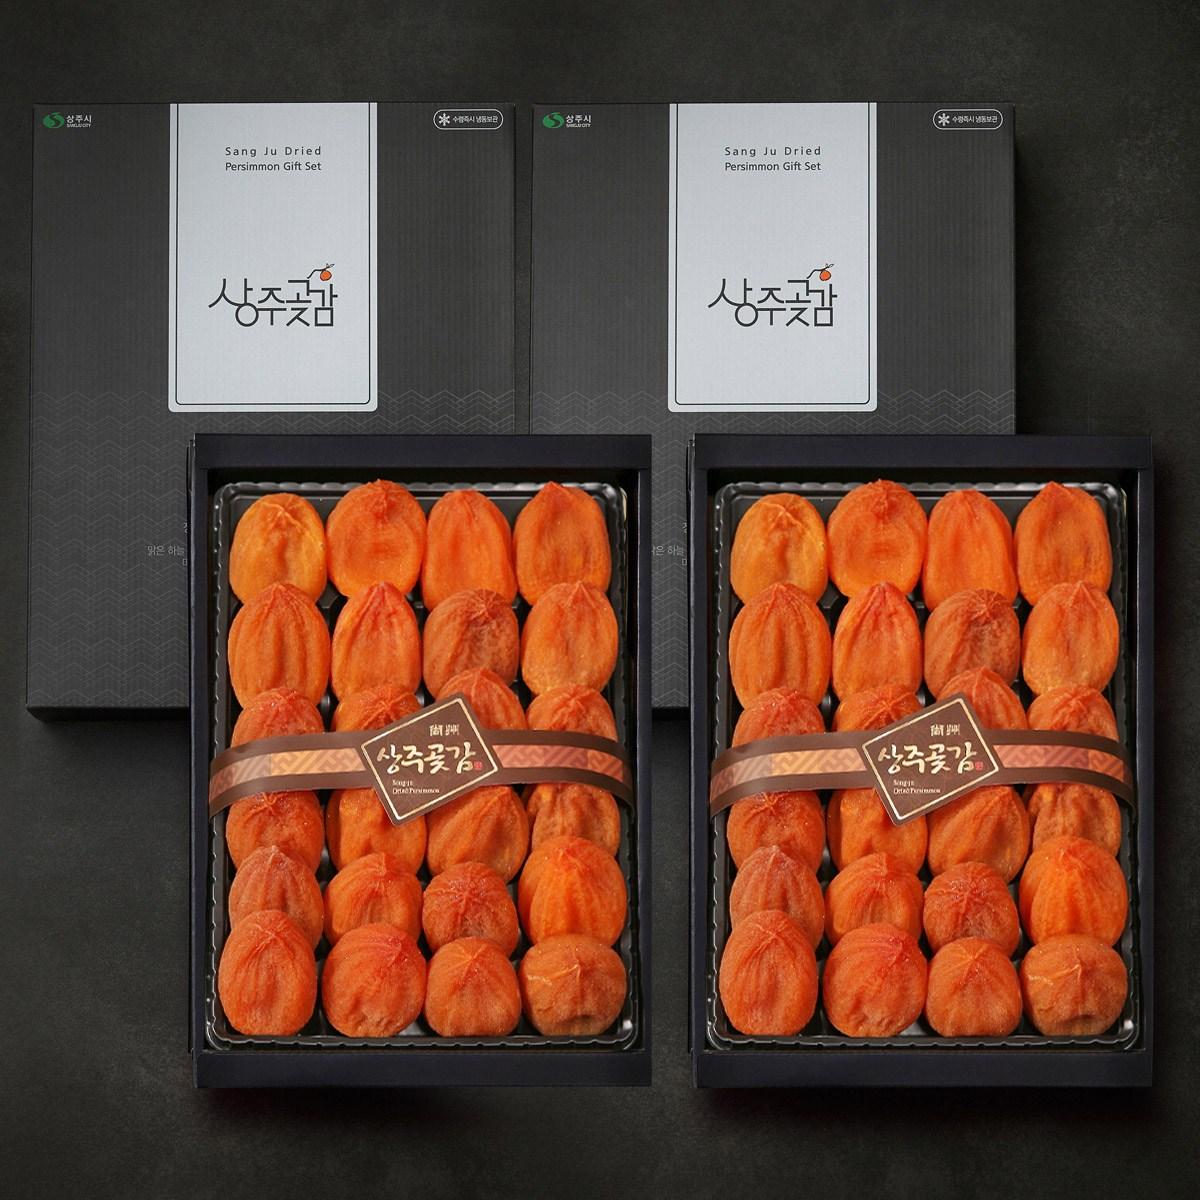 상주산지직송 [1+1곶감 선물세트]건시 곶감세트800g x2박스 보자기동봉, 800g, 2개